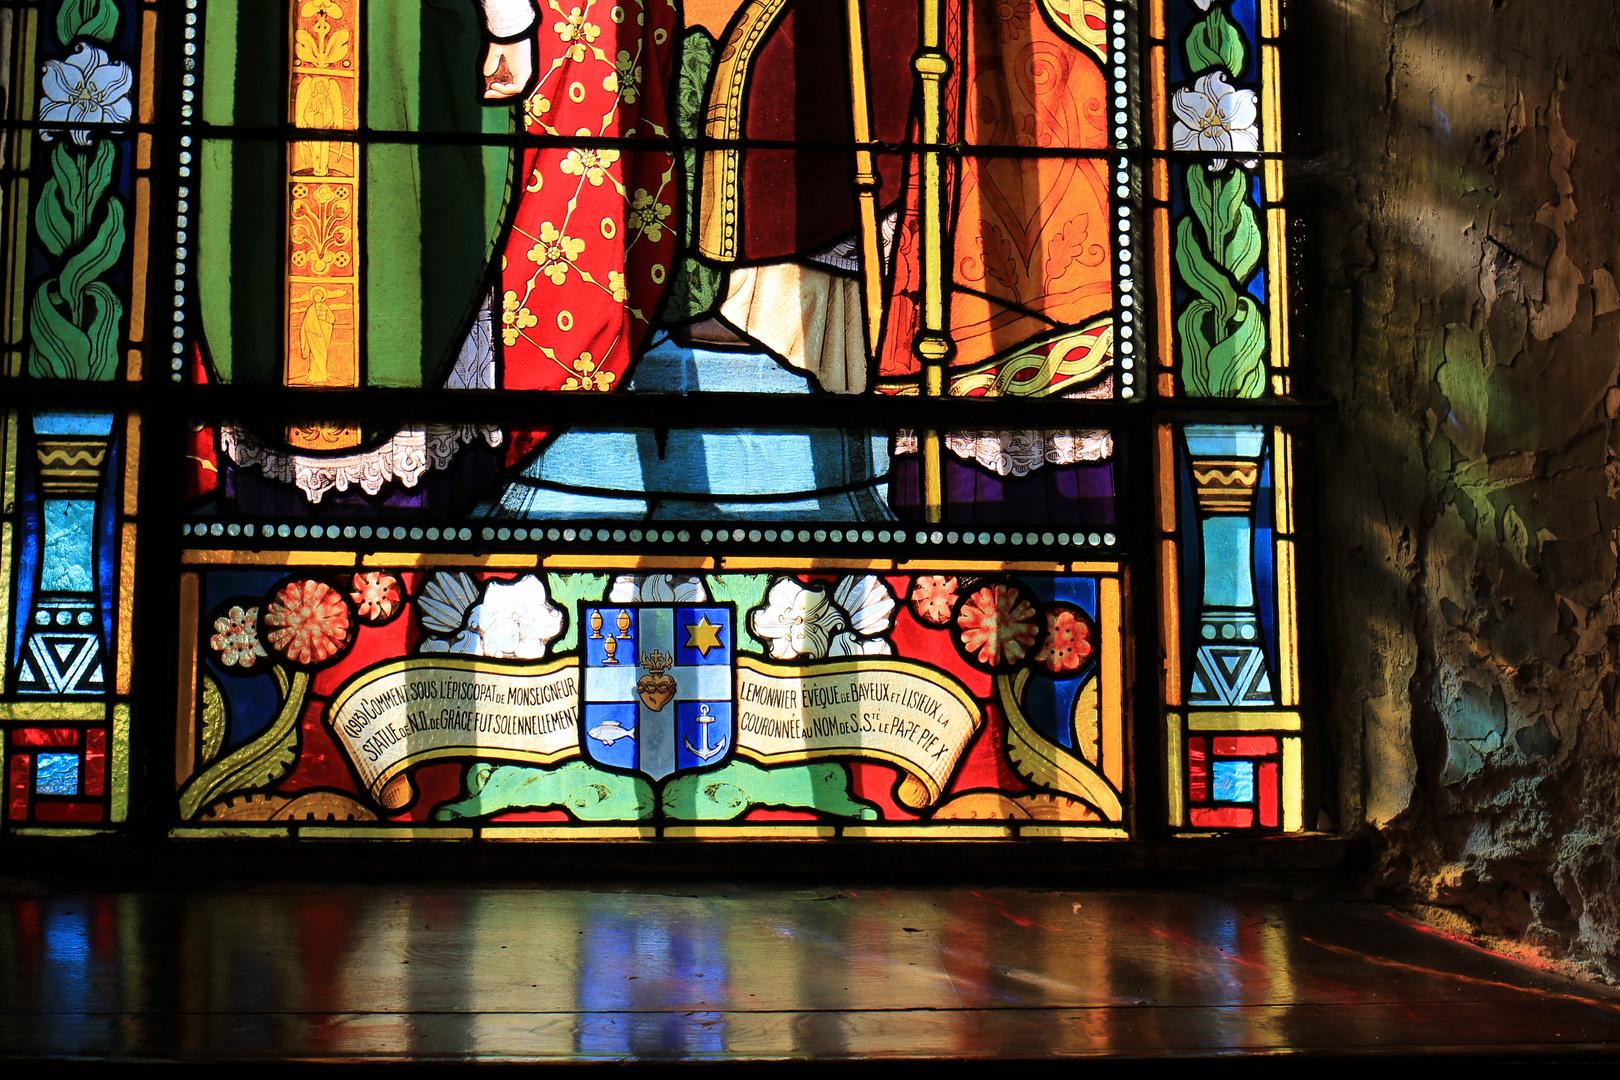 Honfleur II - Chapelle Notre-Dame-de-Grâce